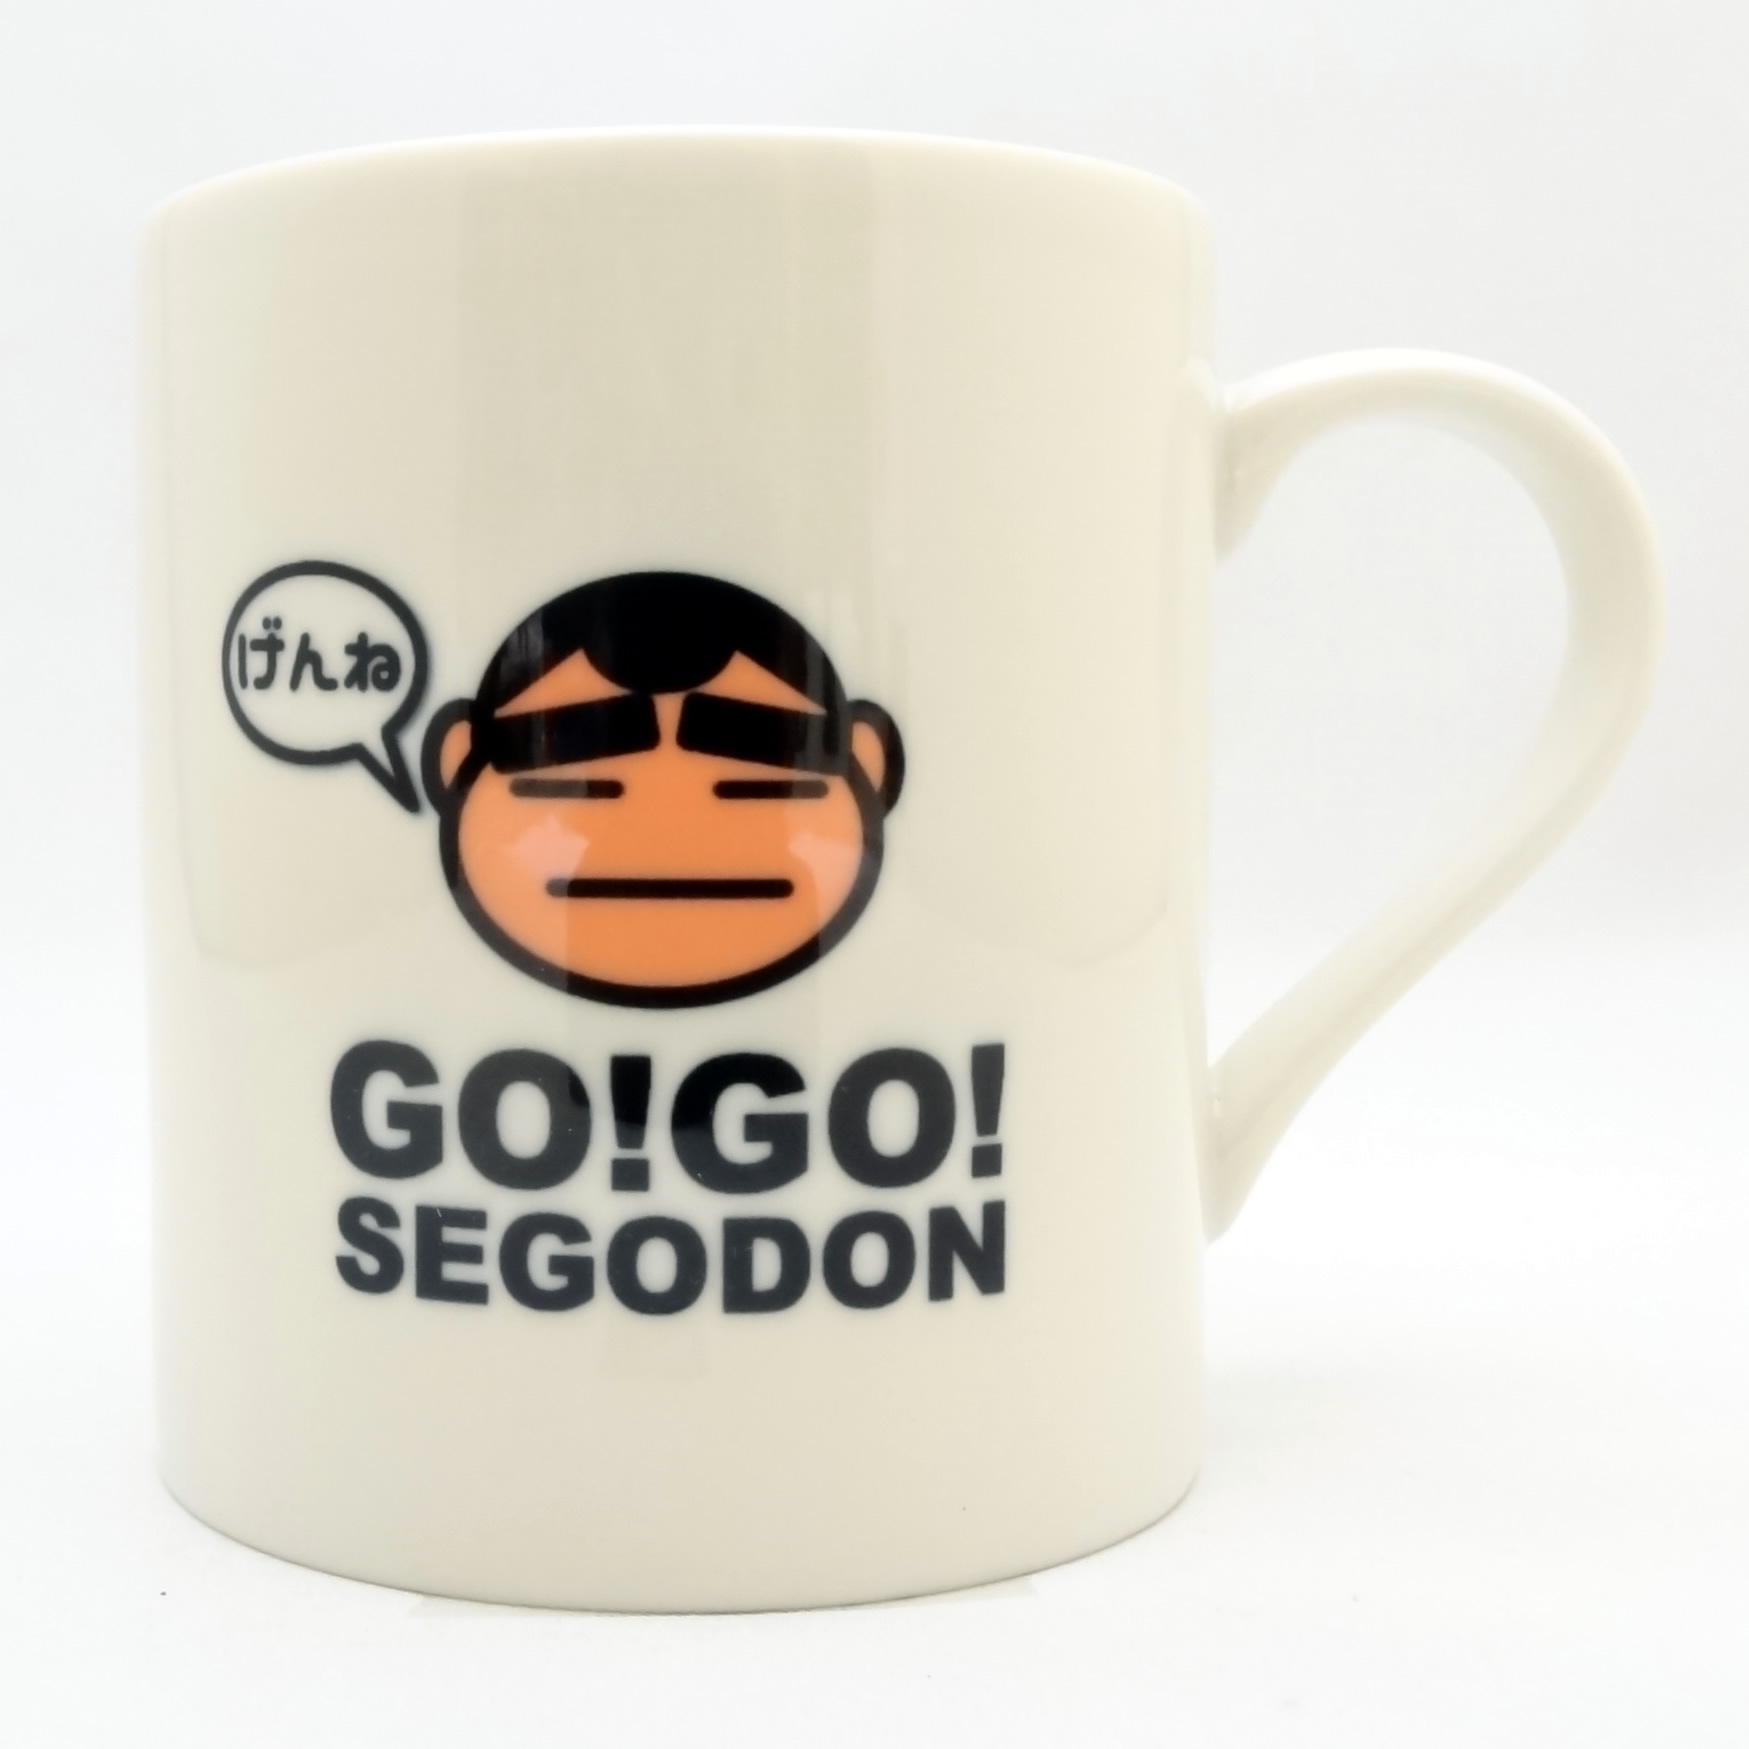 【GO!GO! SEGODON】 マグカップ No.3 西郷どん 鹿児島弁 げんね